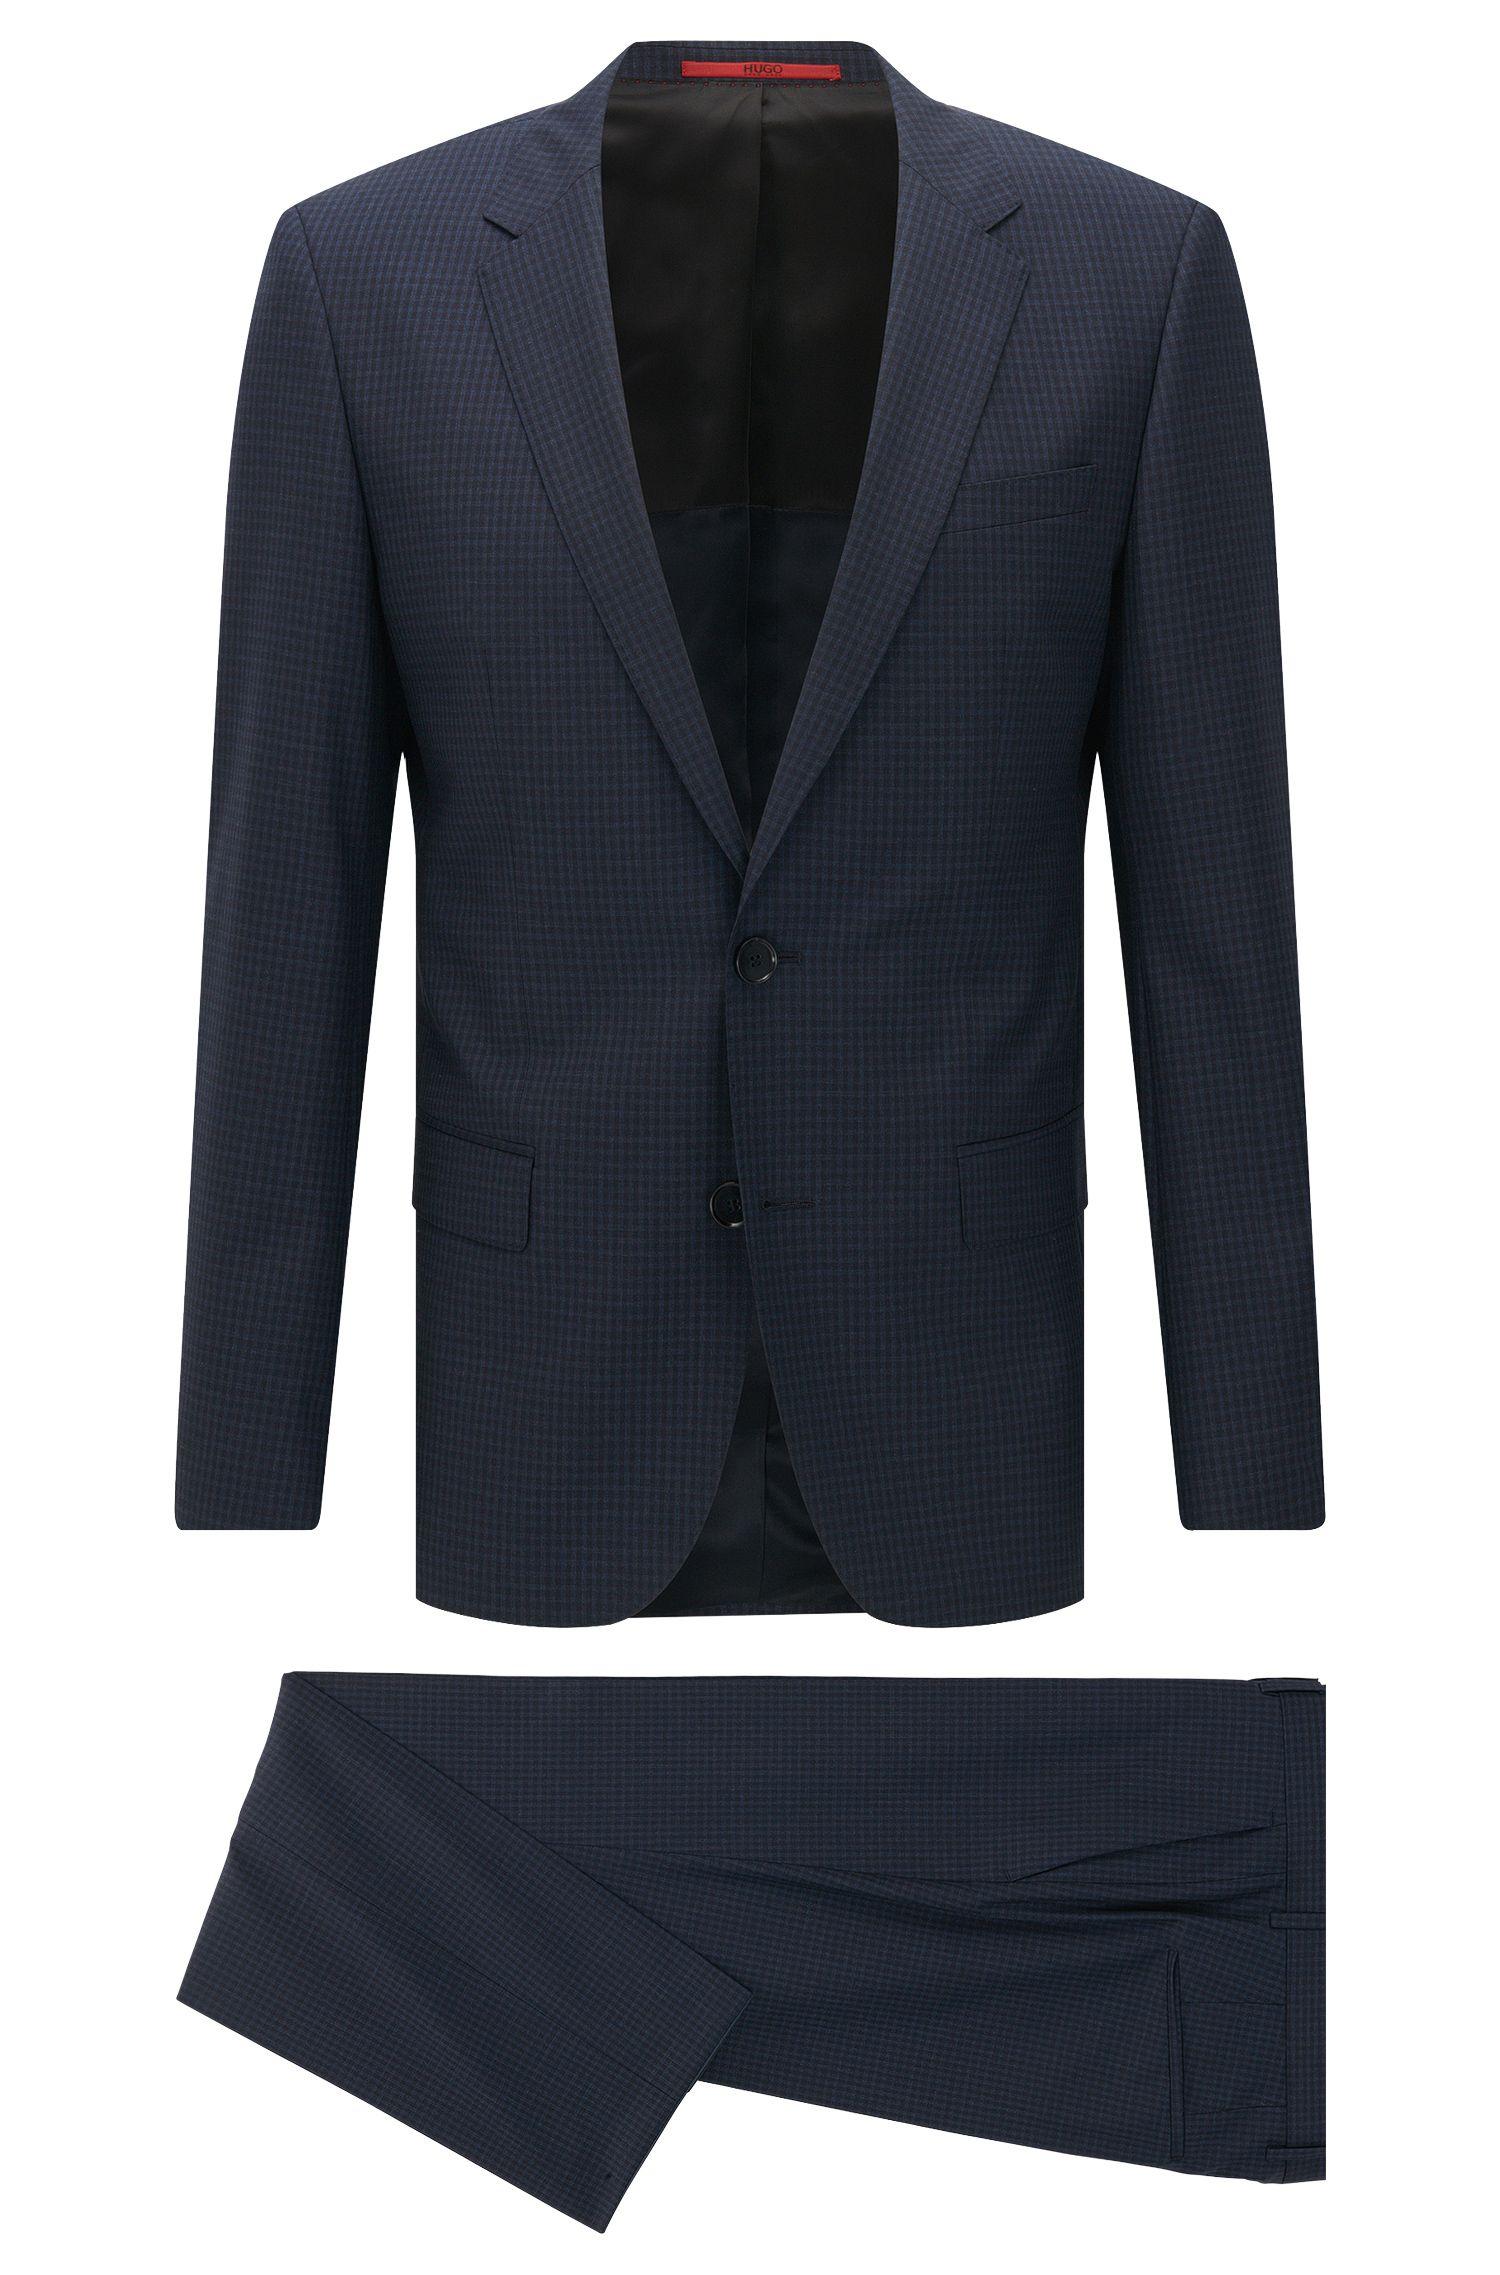 Pincheck Virgin Wool Suit, Slim Fit | C-Huge/C-Genius, Dark Blue